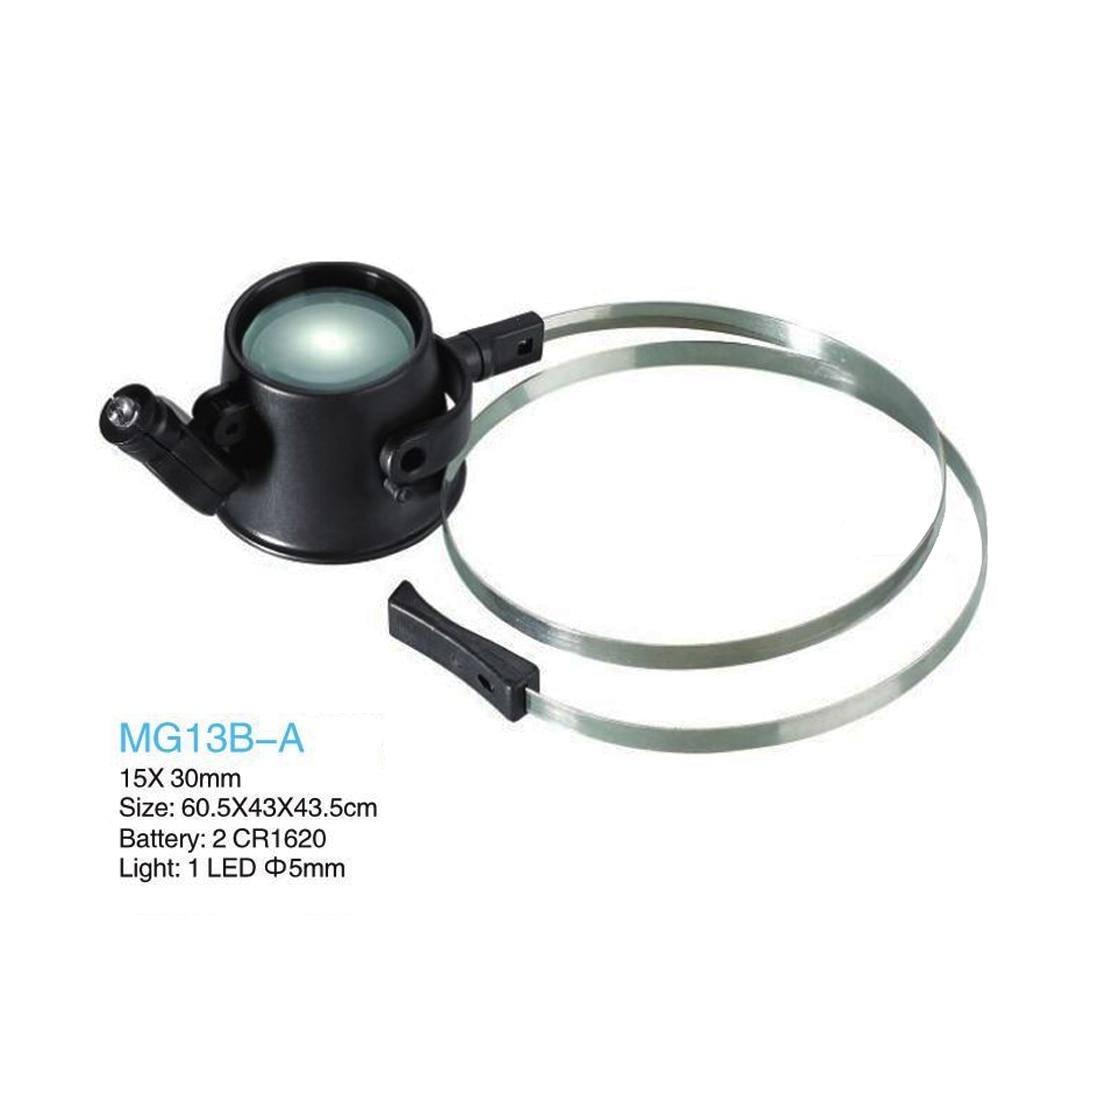 Lupa de 15X LED iluminada con lupa manos libres y banda para la cabeza con batería de litio Metal 2CR1620